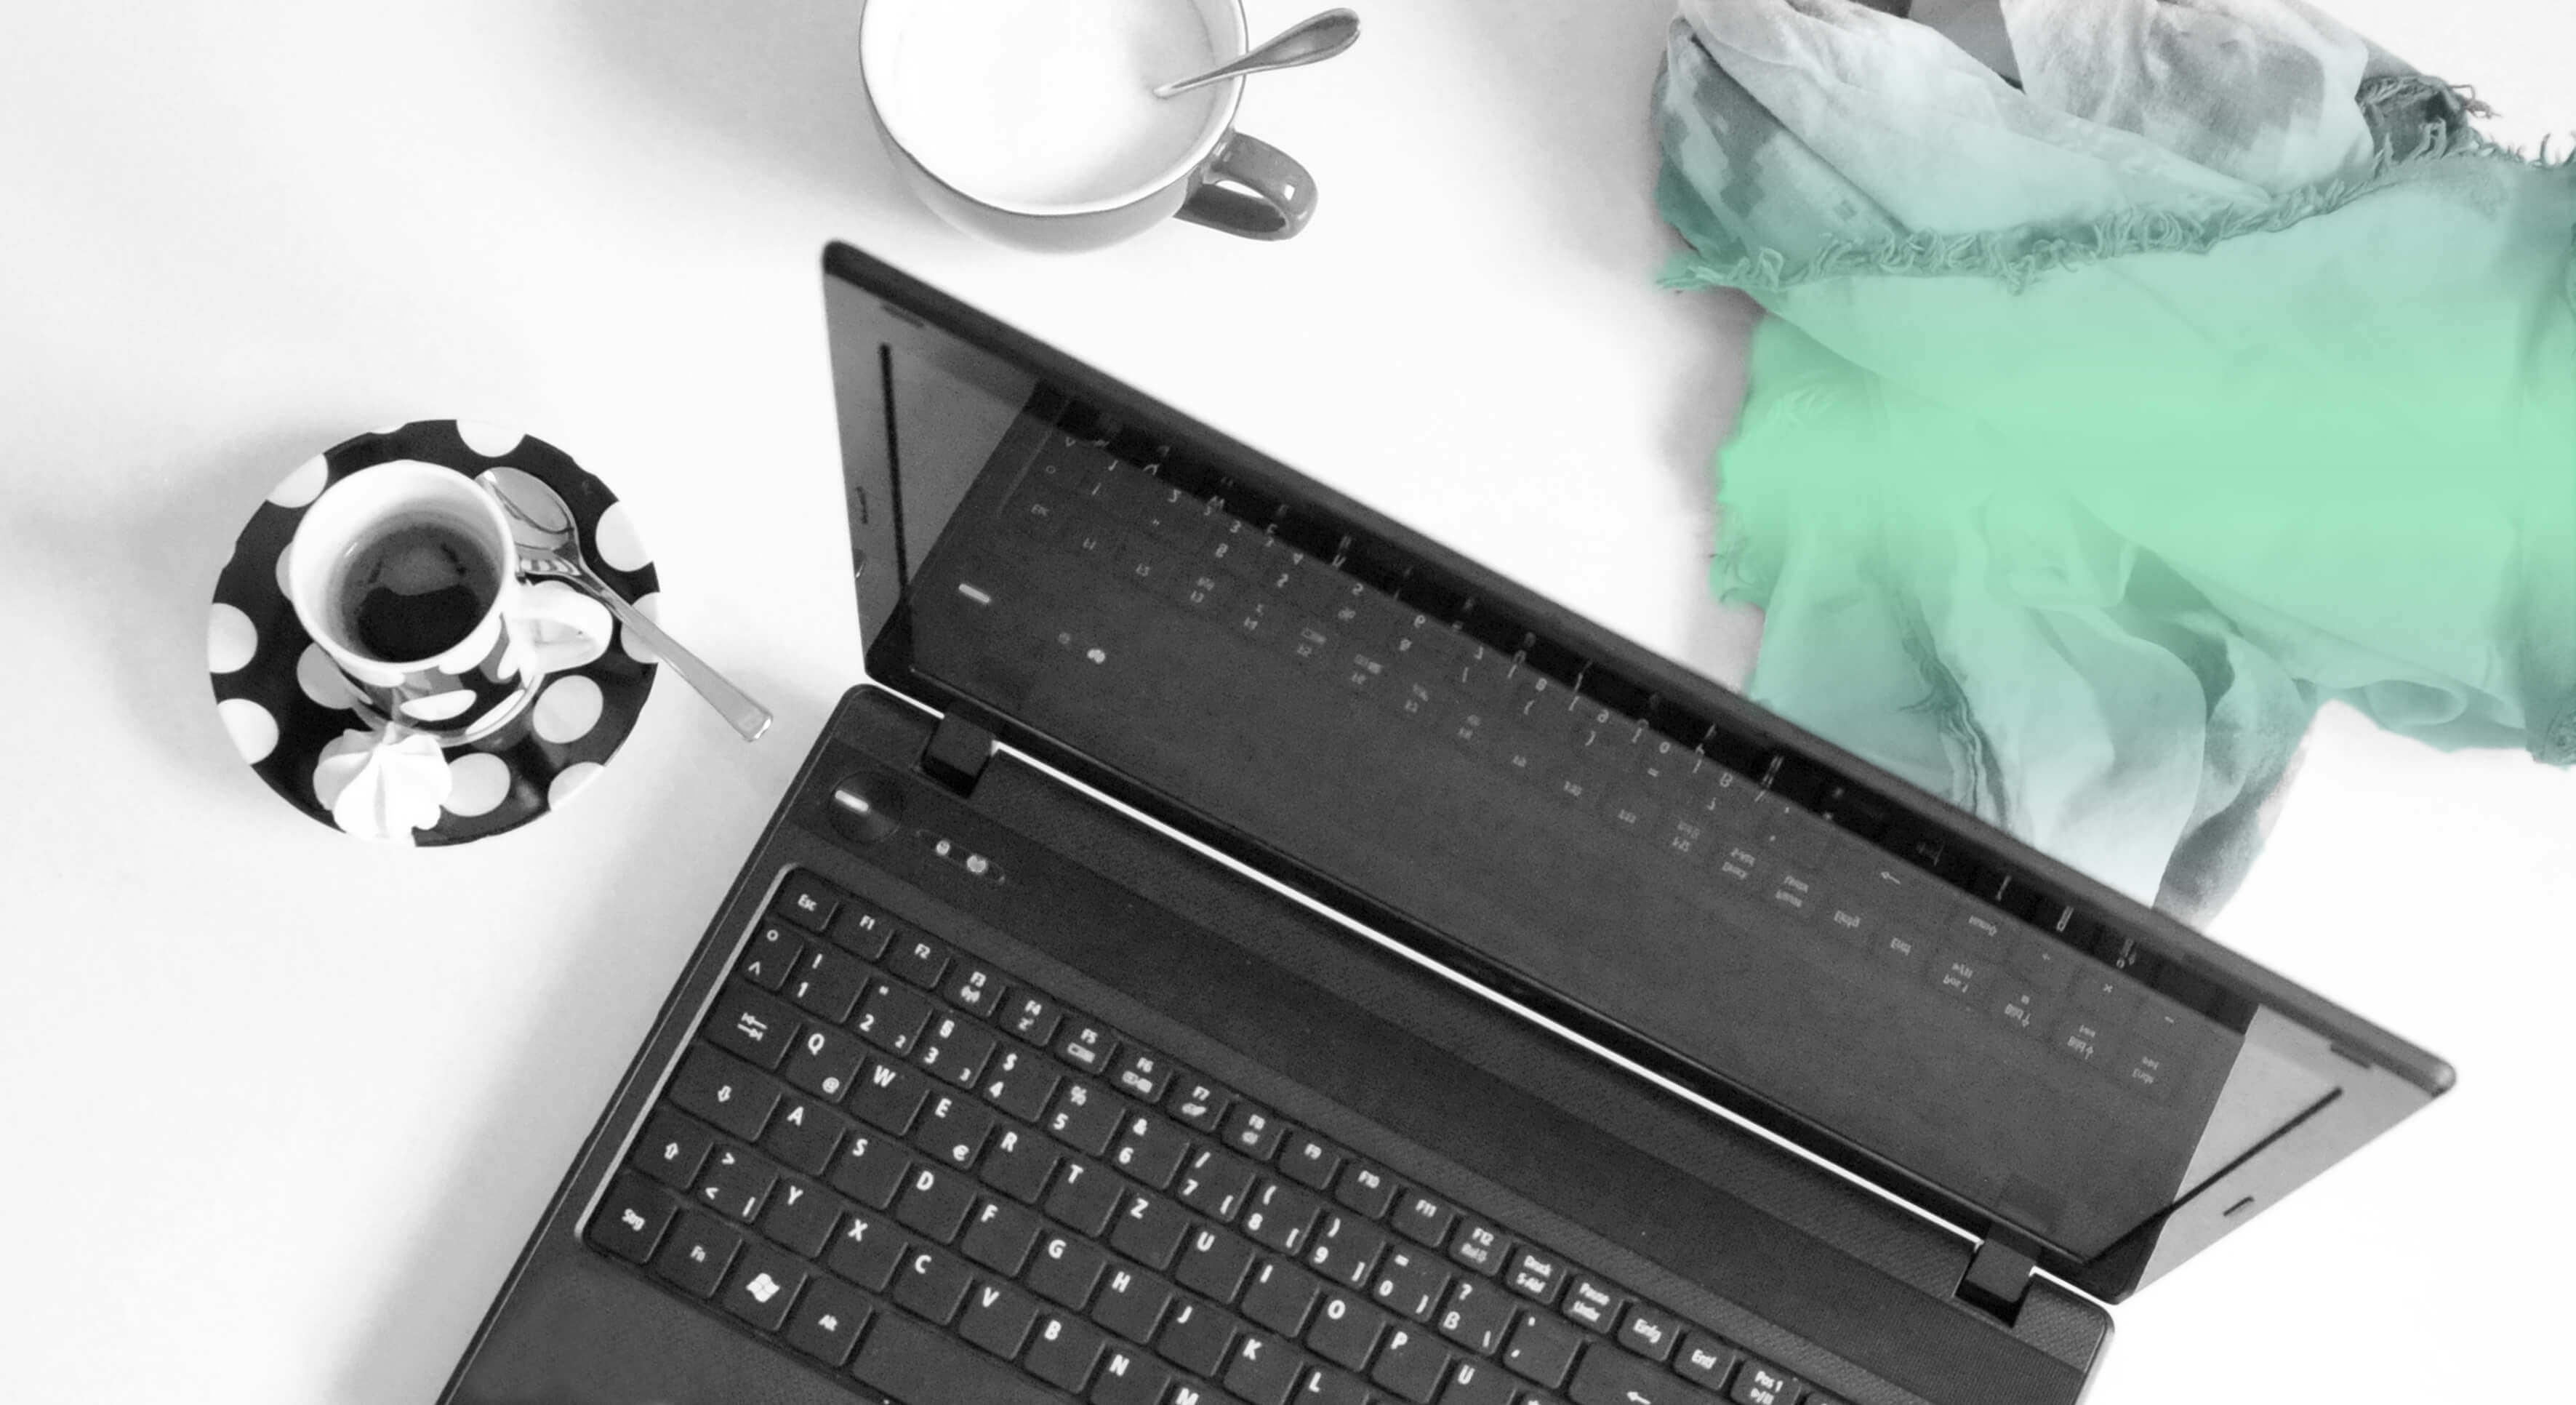 Texterin für Familienthemen, Bloggerin und Autorin - dieSchröderSchreibt